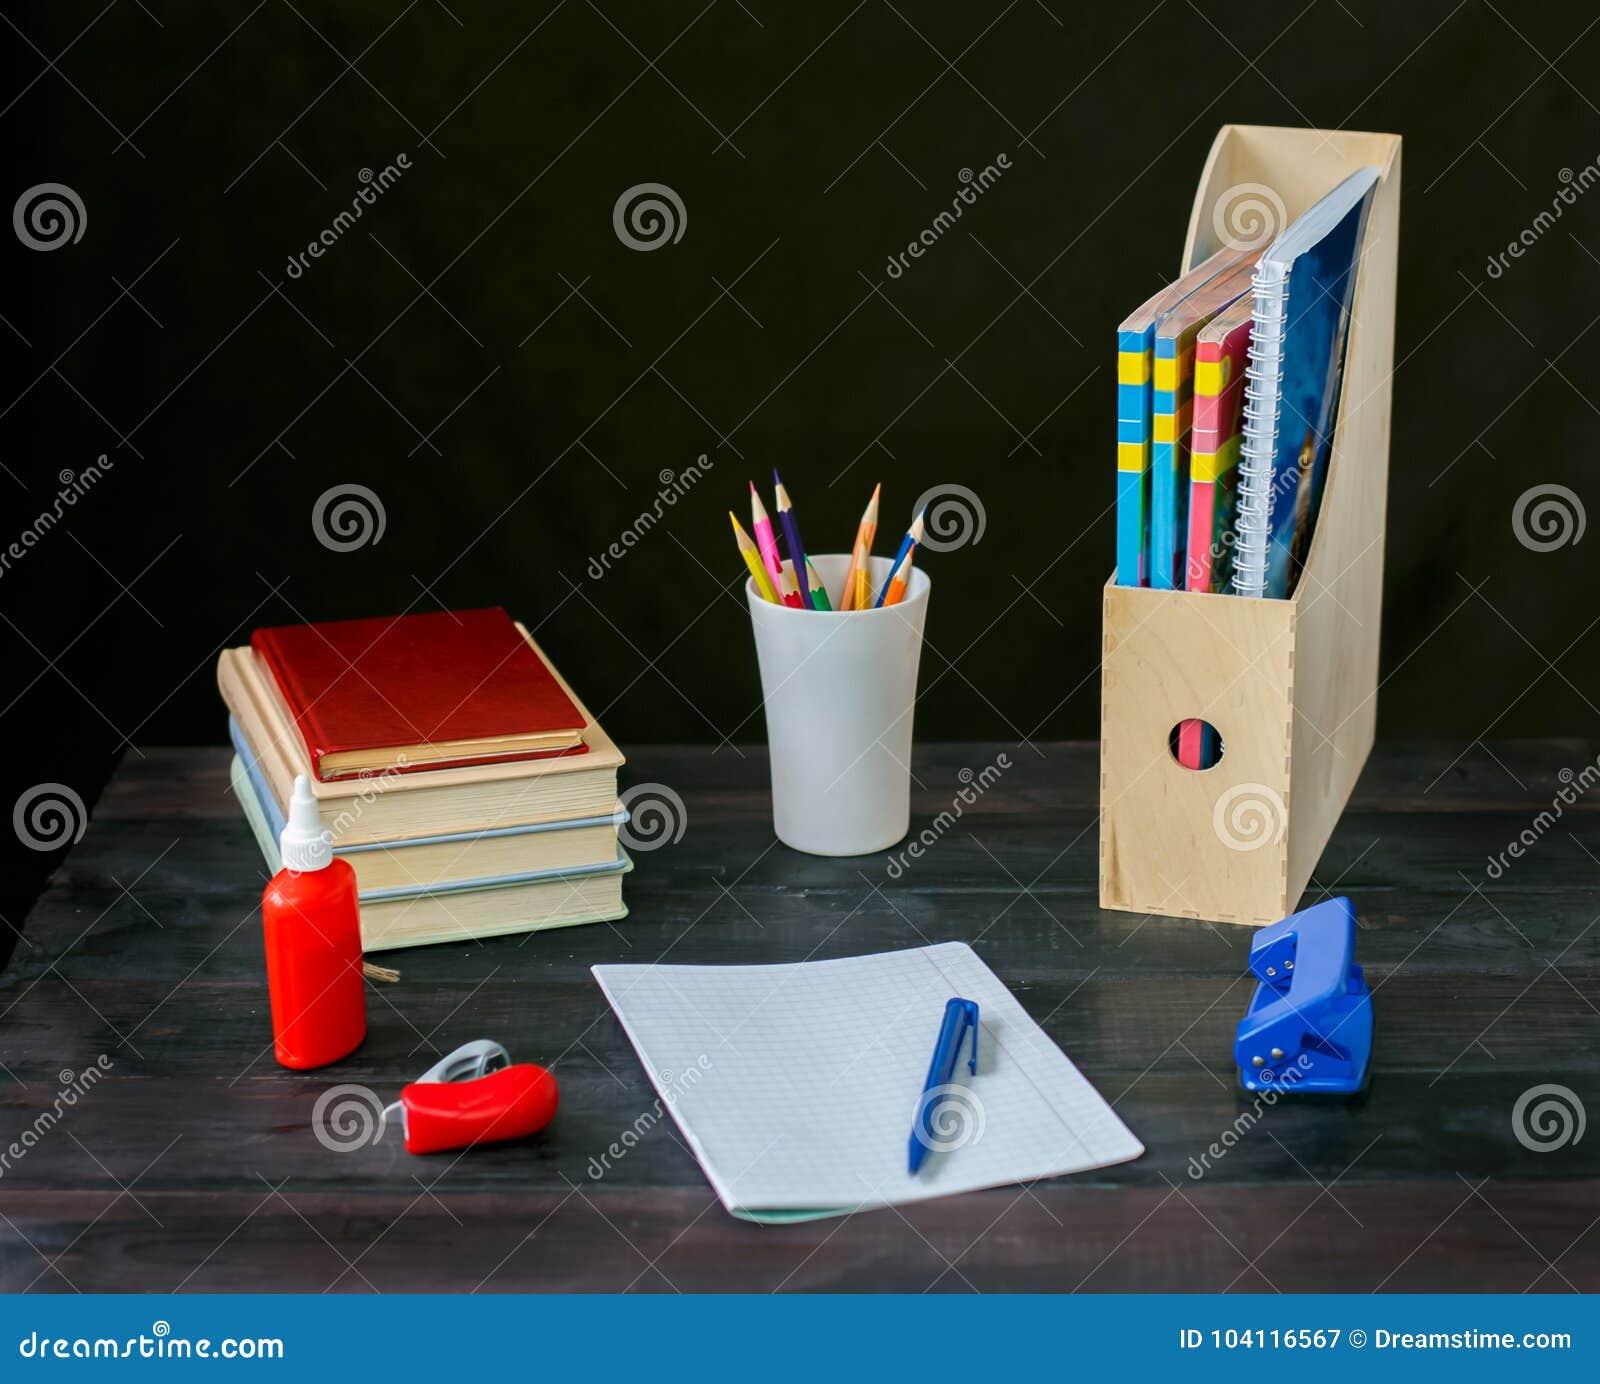 Στον πίνακα βάλτε ένα βιβλίο, σημειωματάριο με τη μάνδρα,